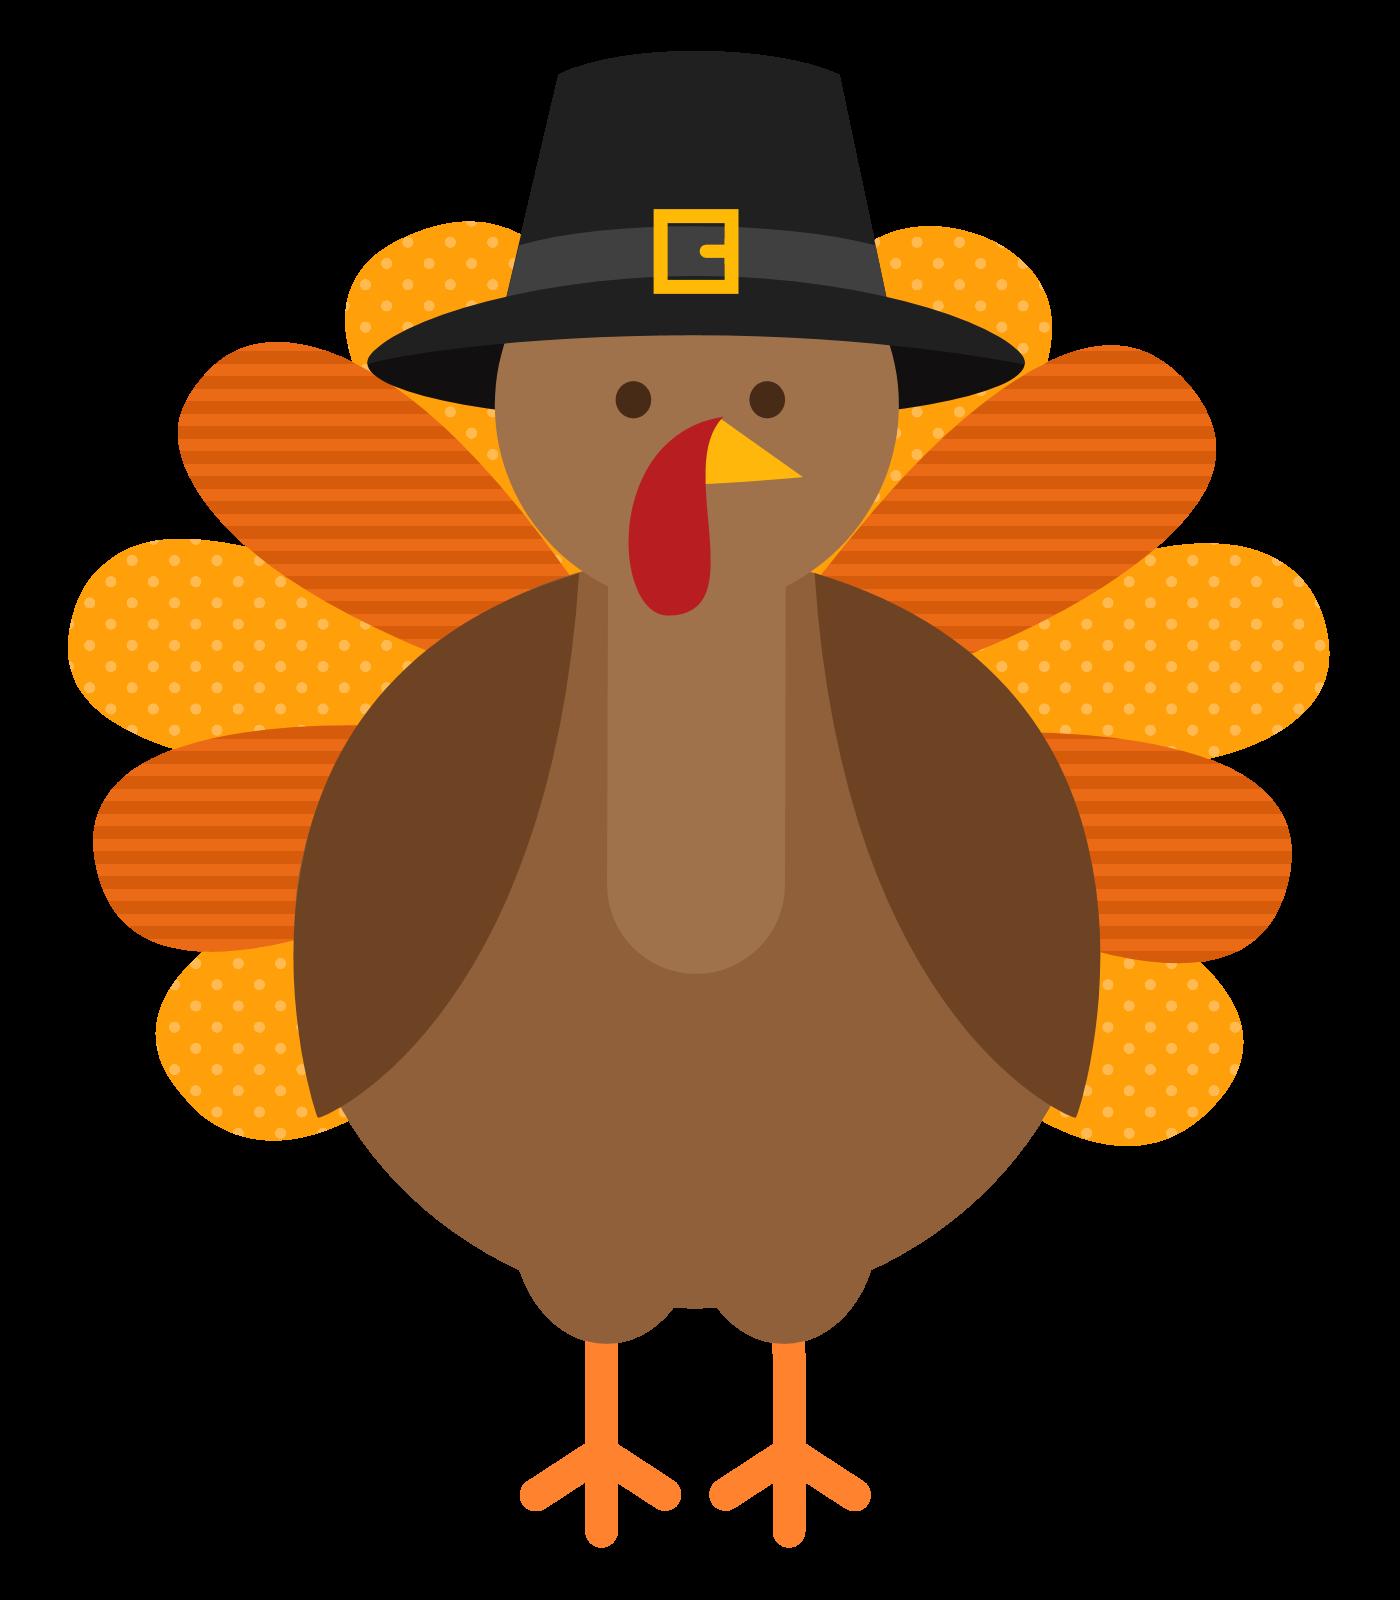 معلومات عن عيد الشكر Thanksgiving